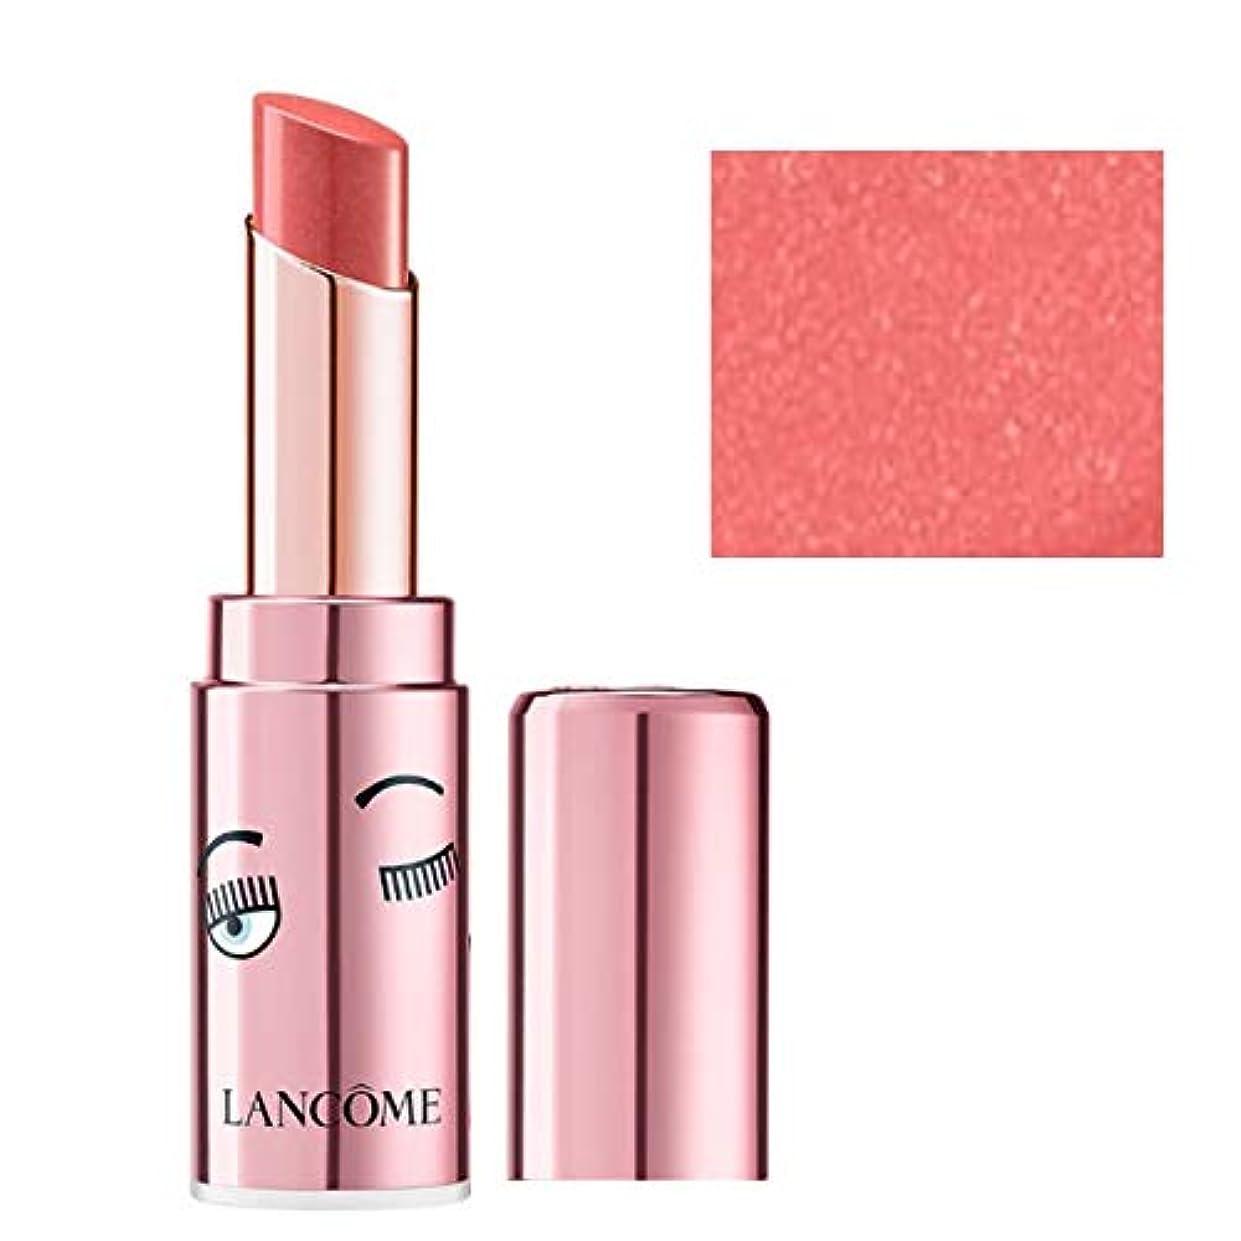 自動的にもつれ娘ランコム(LANCOME), 限定版 limited-edition, x Chiara Ferragni L'Absolu Mademoiselle Shine Balm Lipstick - Kinda Flirty...